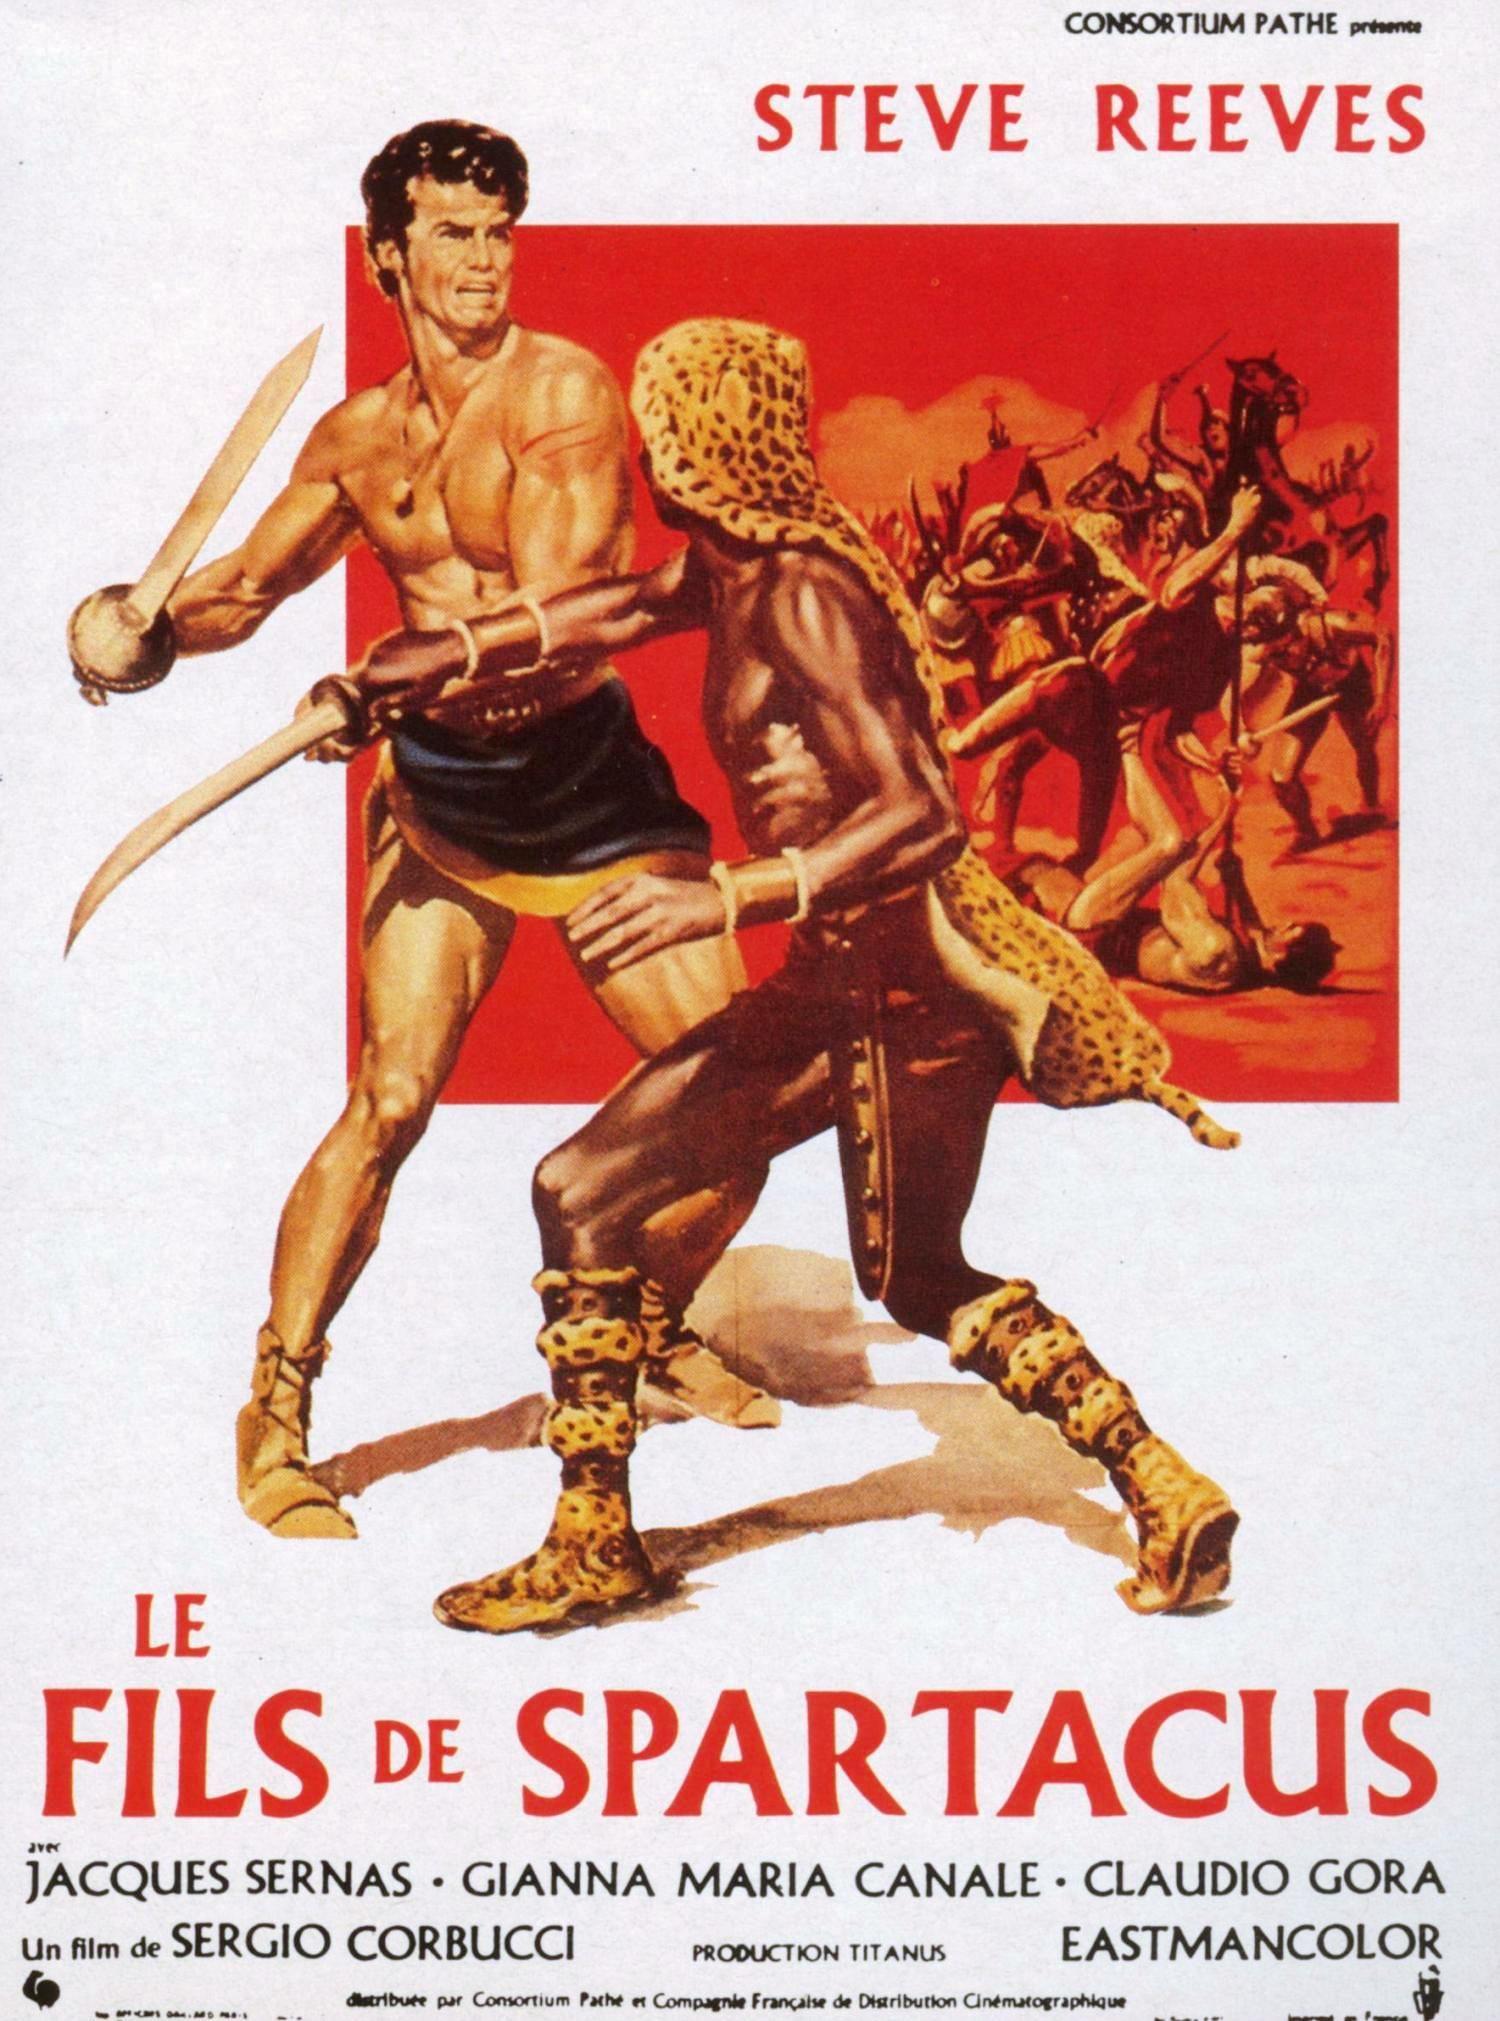 Filme Spartacus inside le fils de spartacus - film (1962) - senscritique